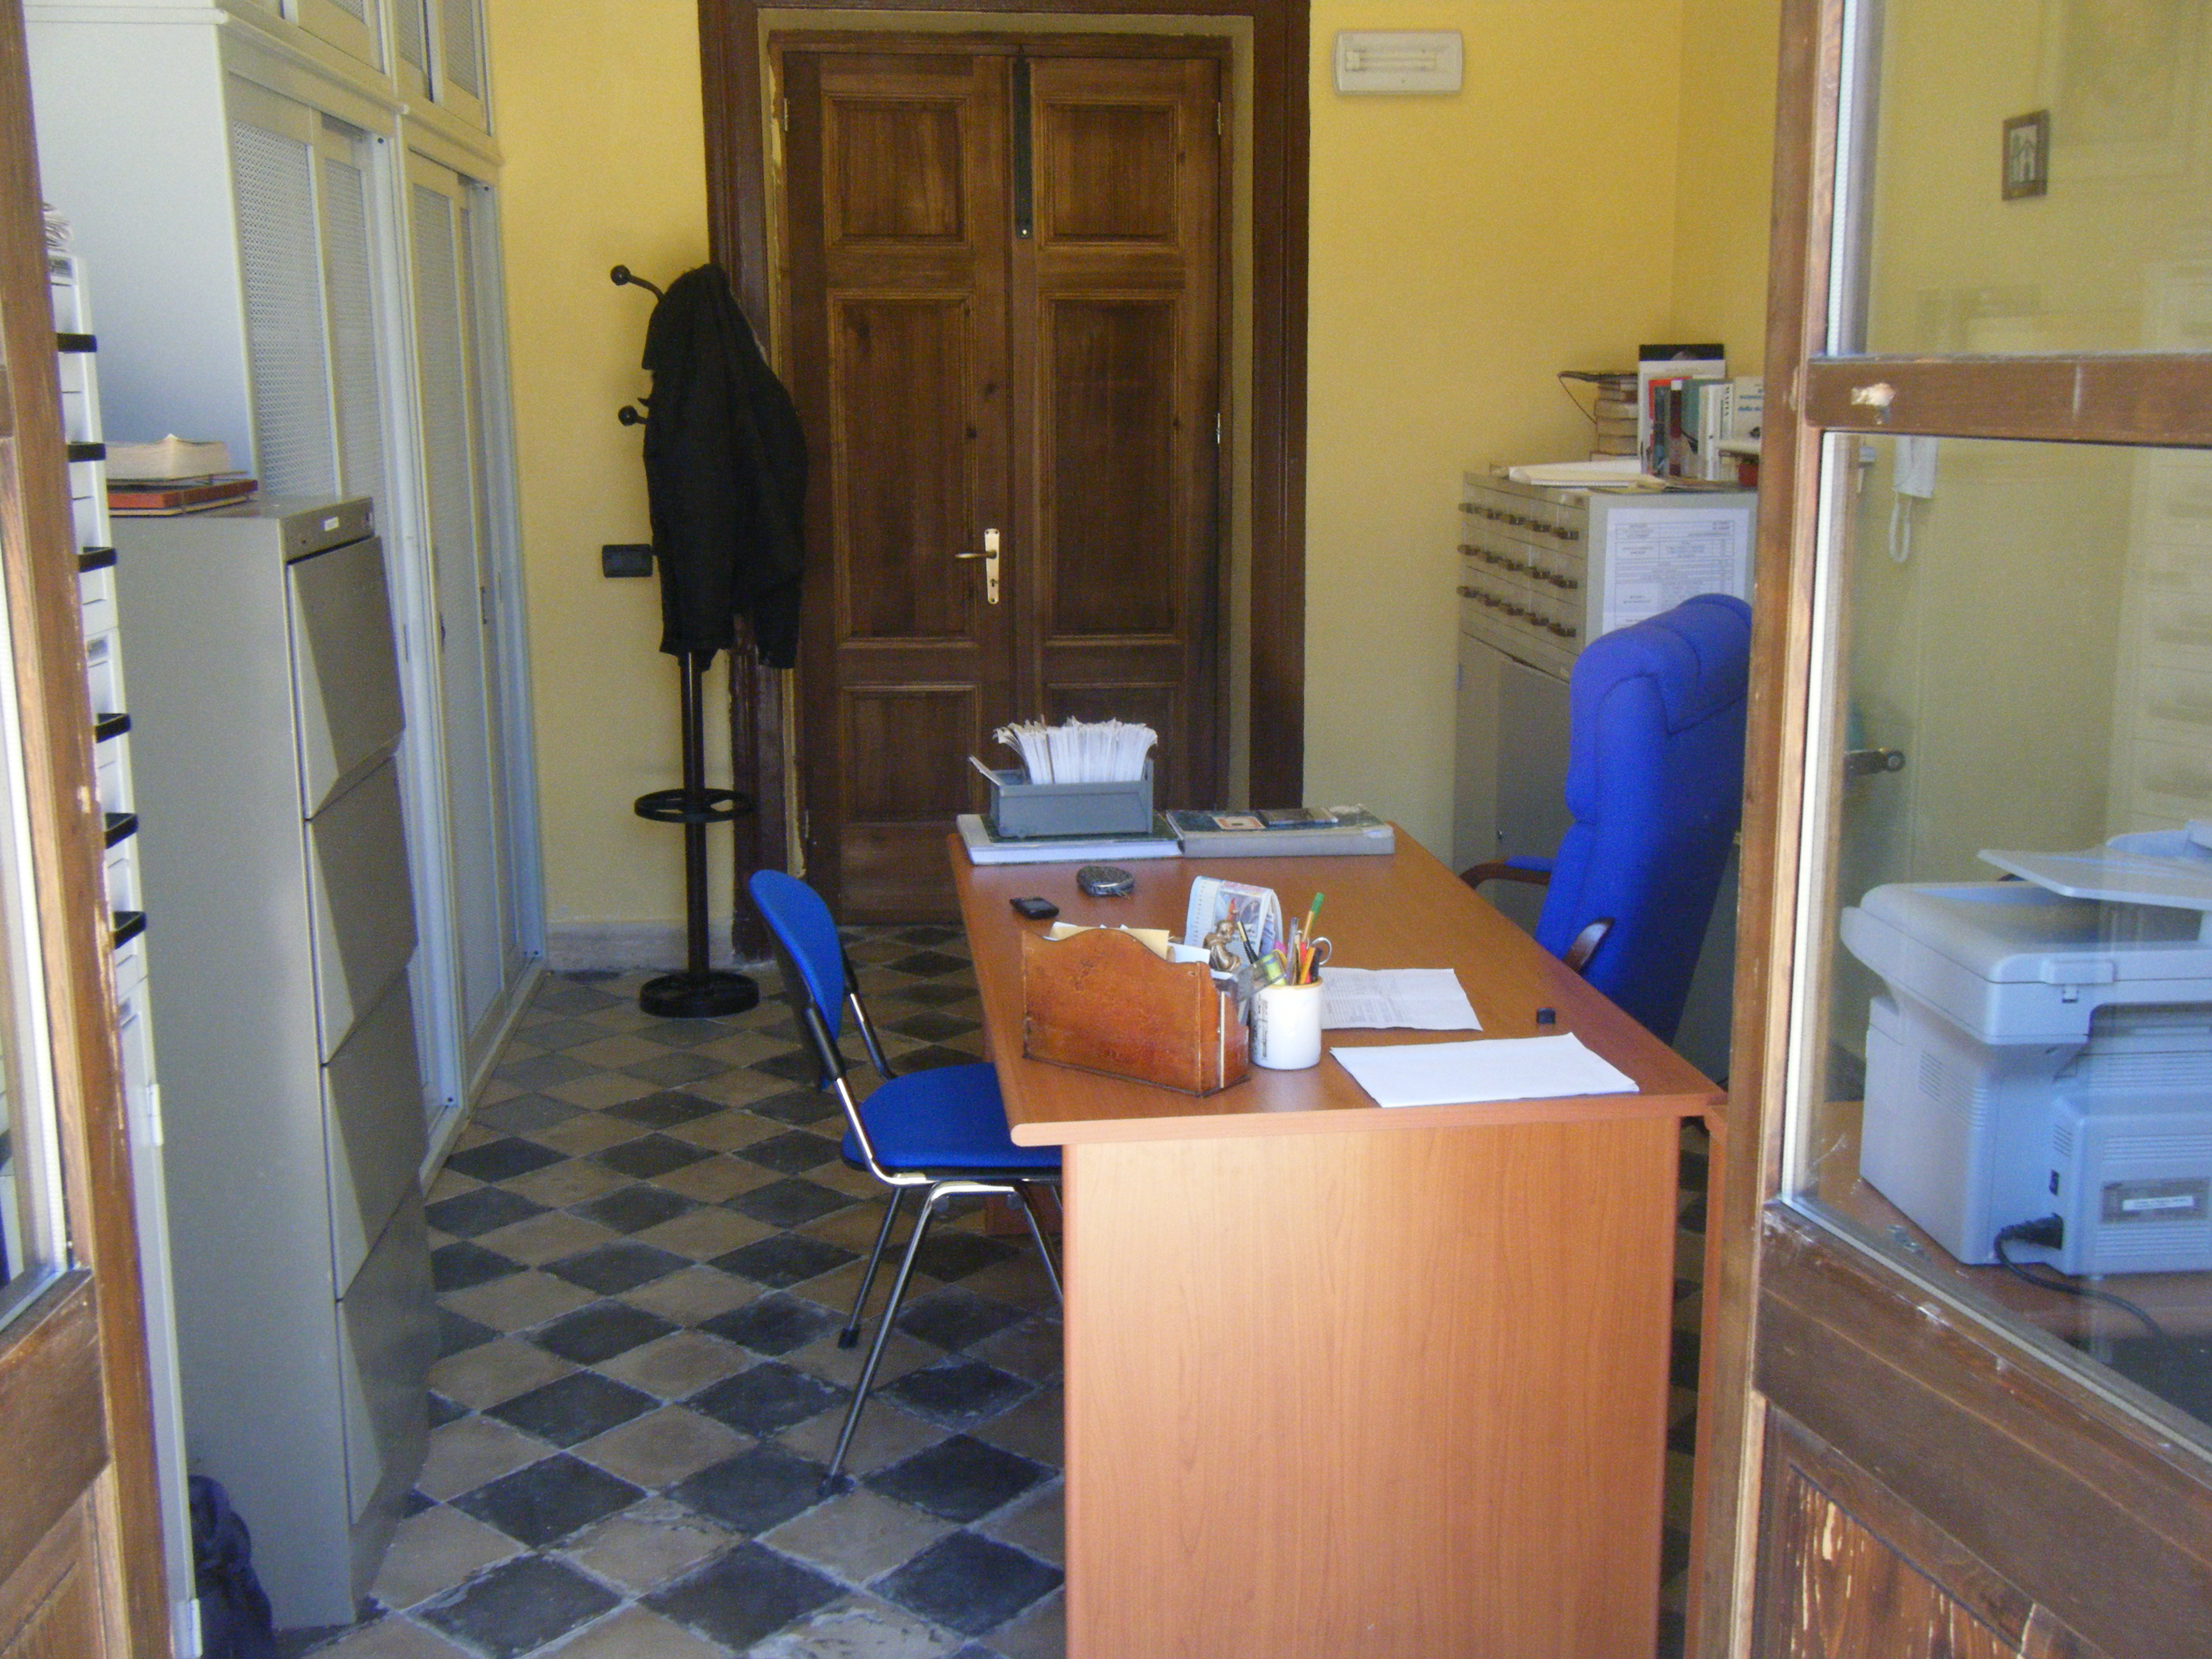 Ufficio Anagrafe A Firenze : Ufficio anagrafe comune di firenze images favor l